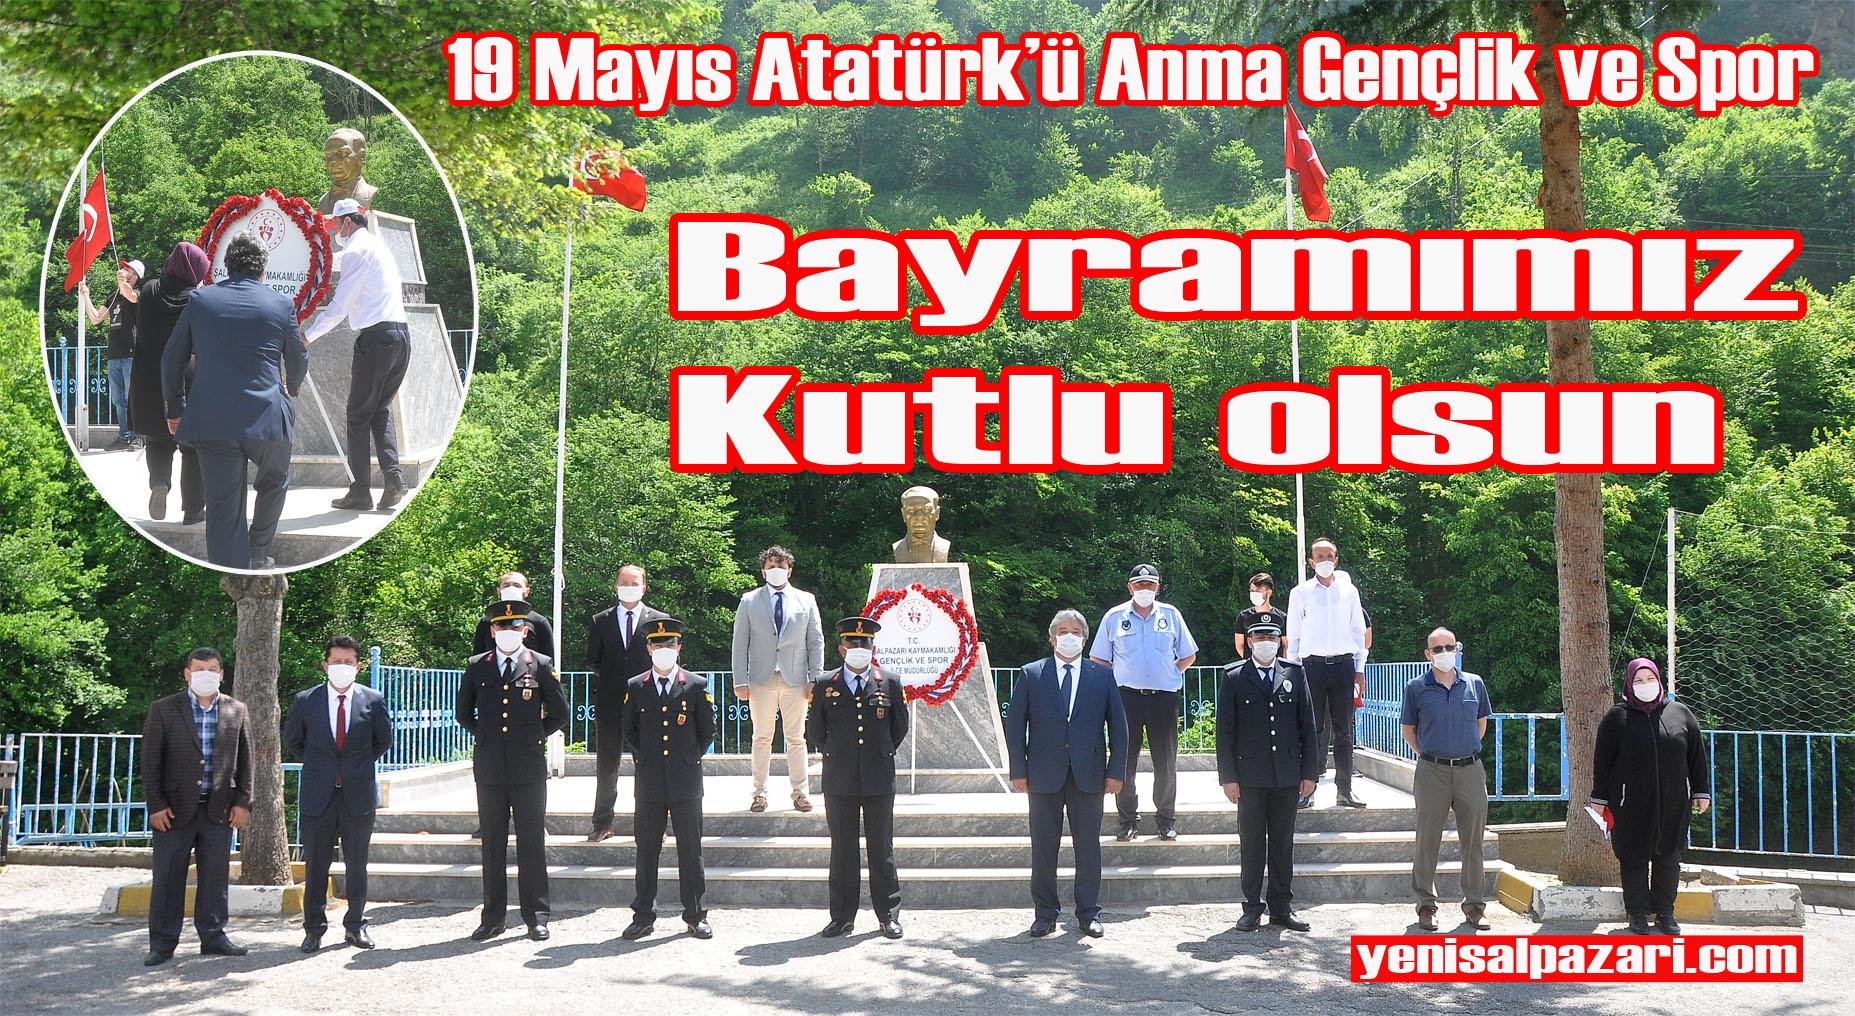 Bugün 19 Mayıs Atatürk'ü Anma Gençlik ve Spor Bayramı'nın 101. yıldönümü